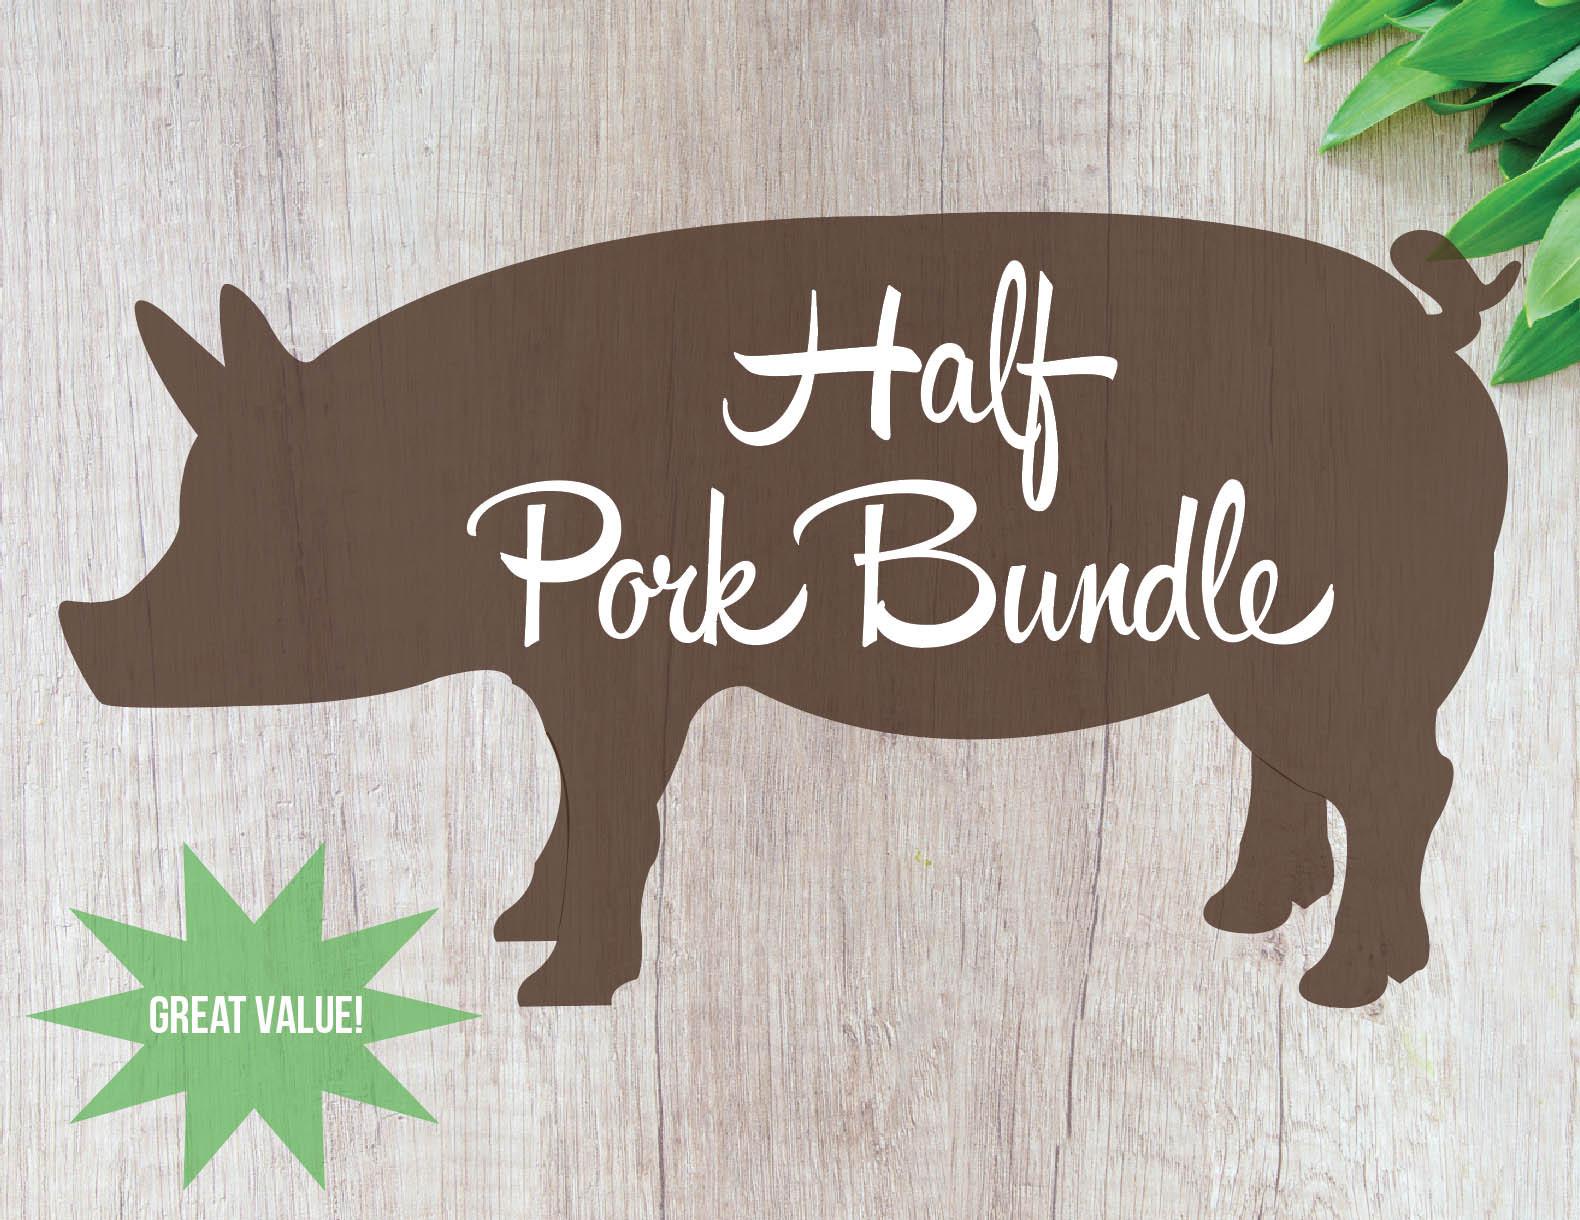 Pork, Deposit, Half, Dec 13, 2018